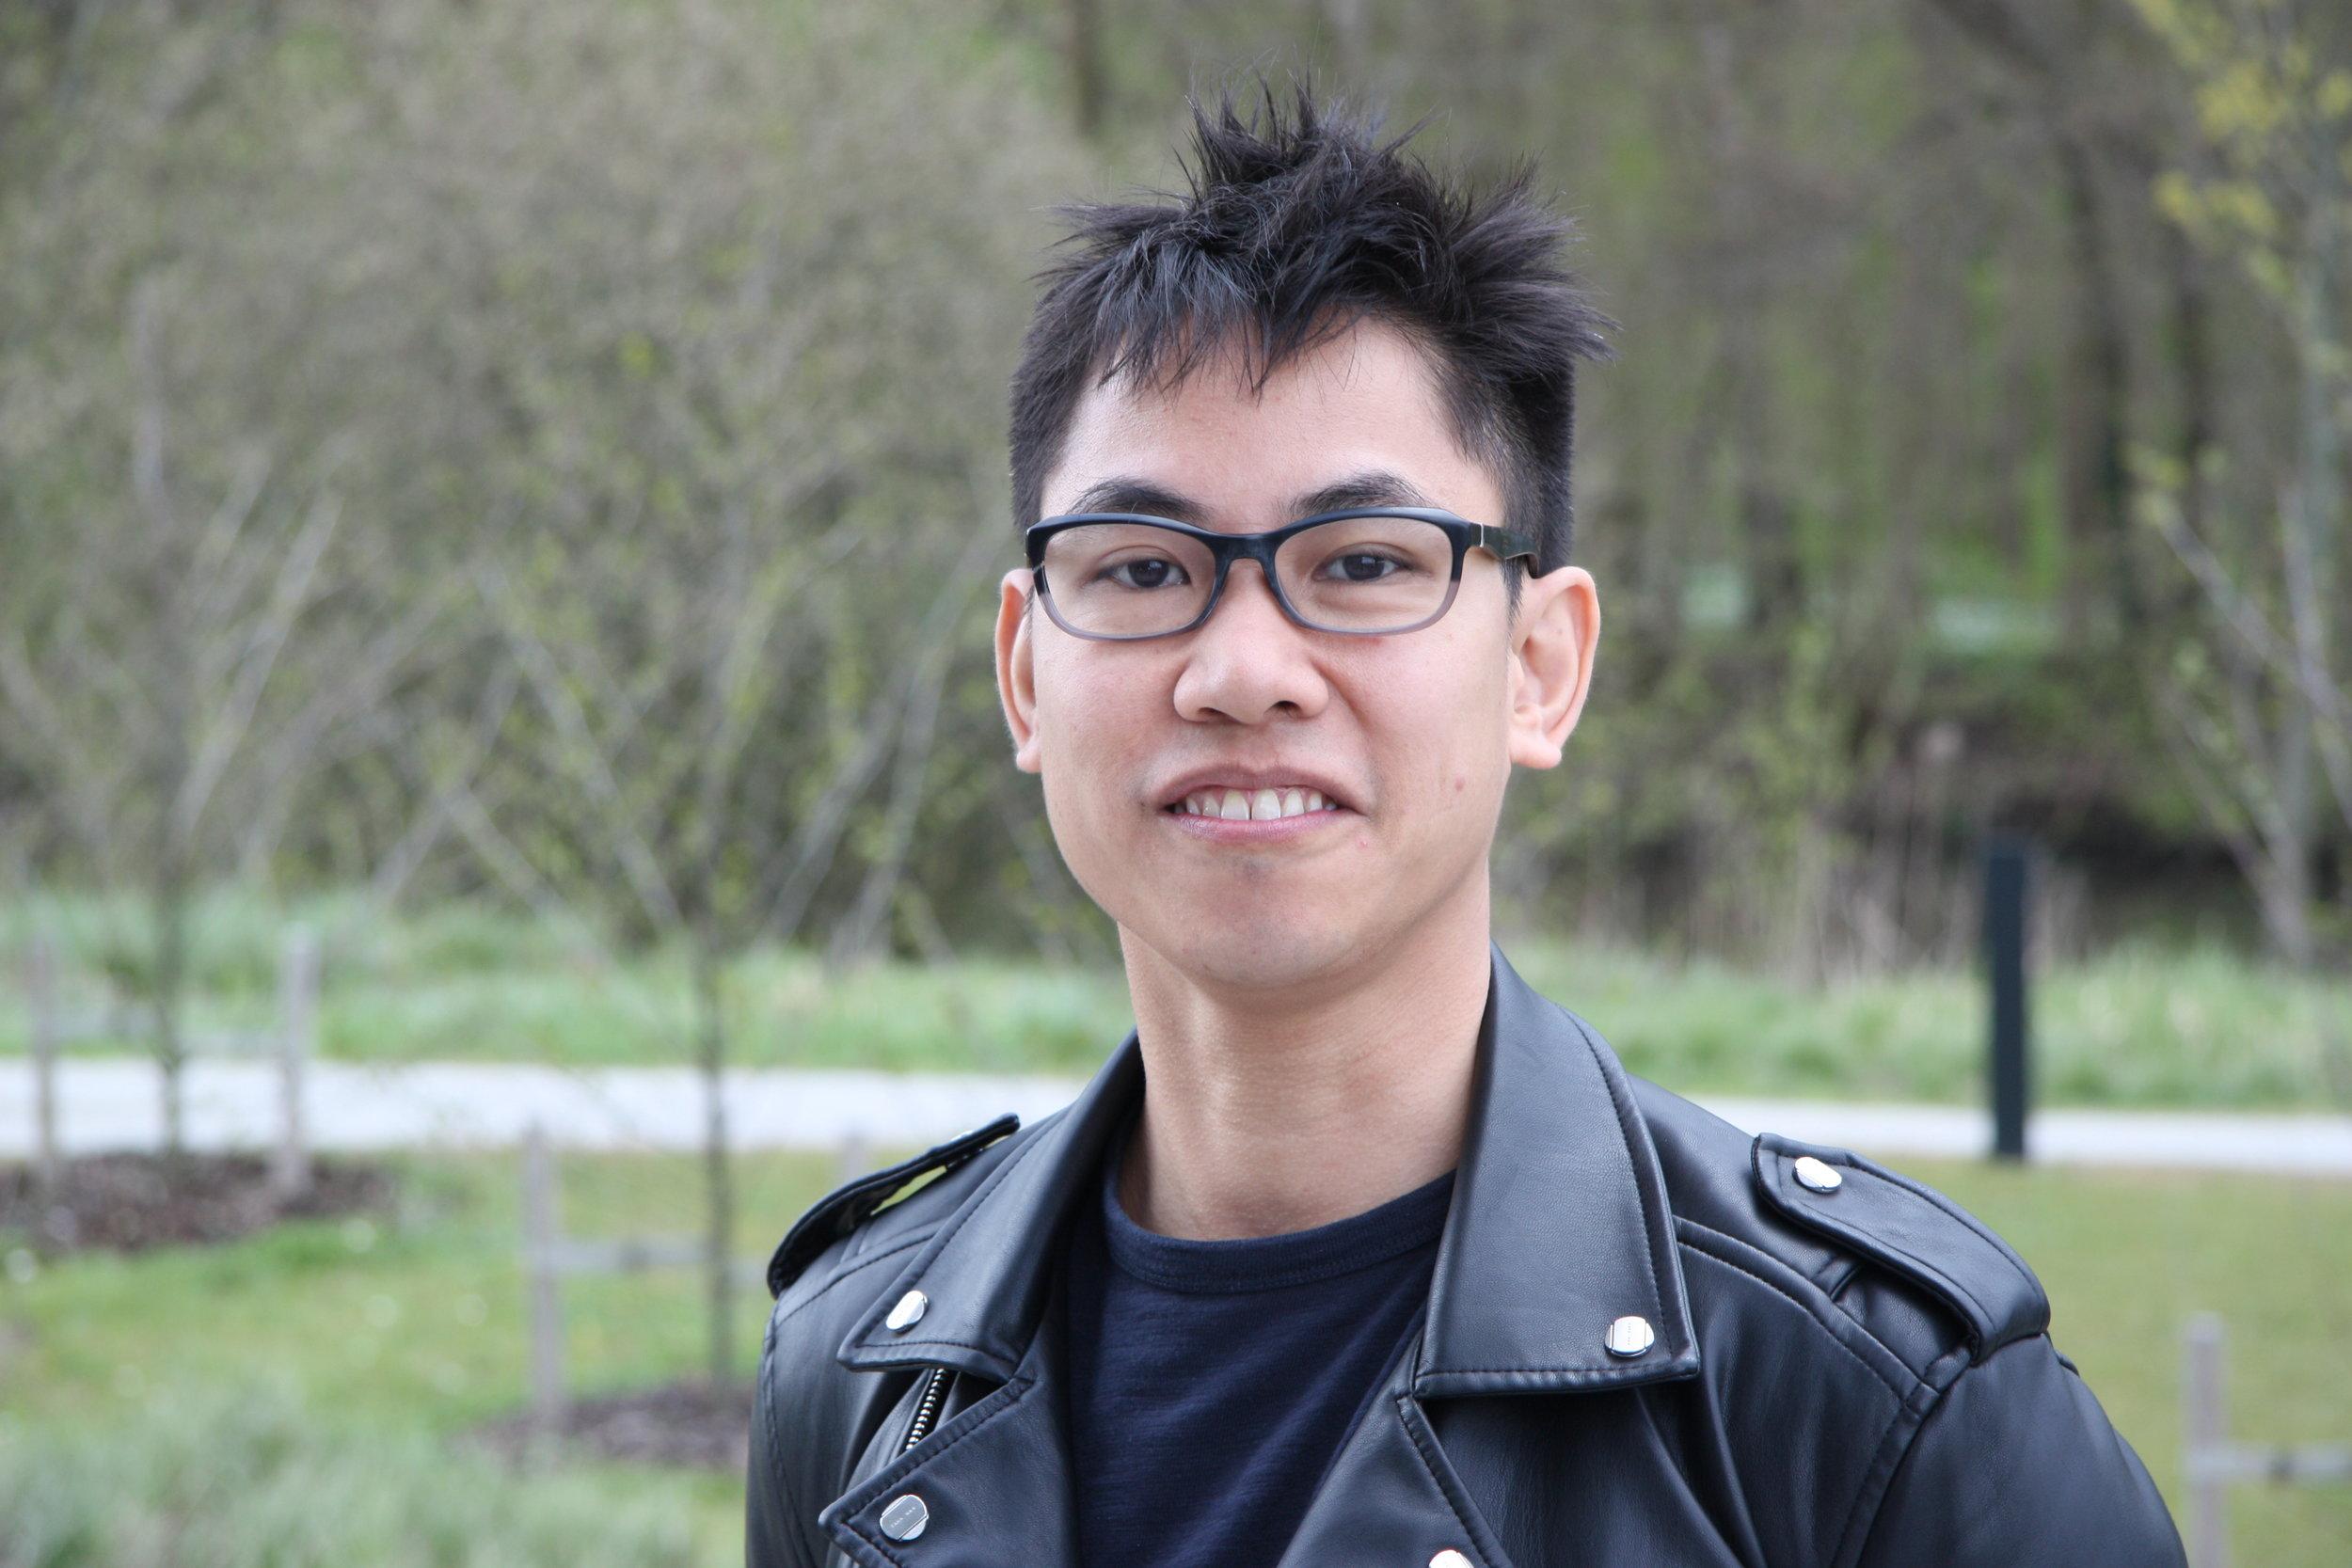 Arnold Wong 027.JPG